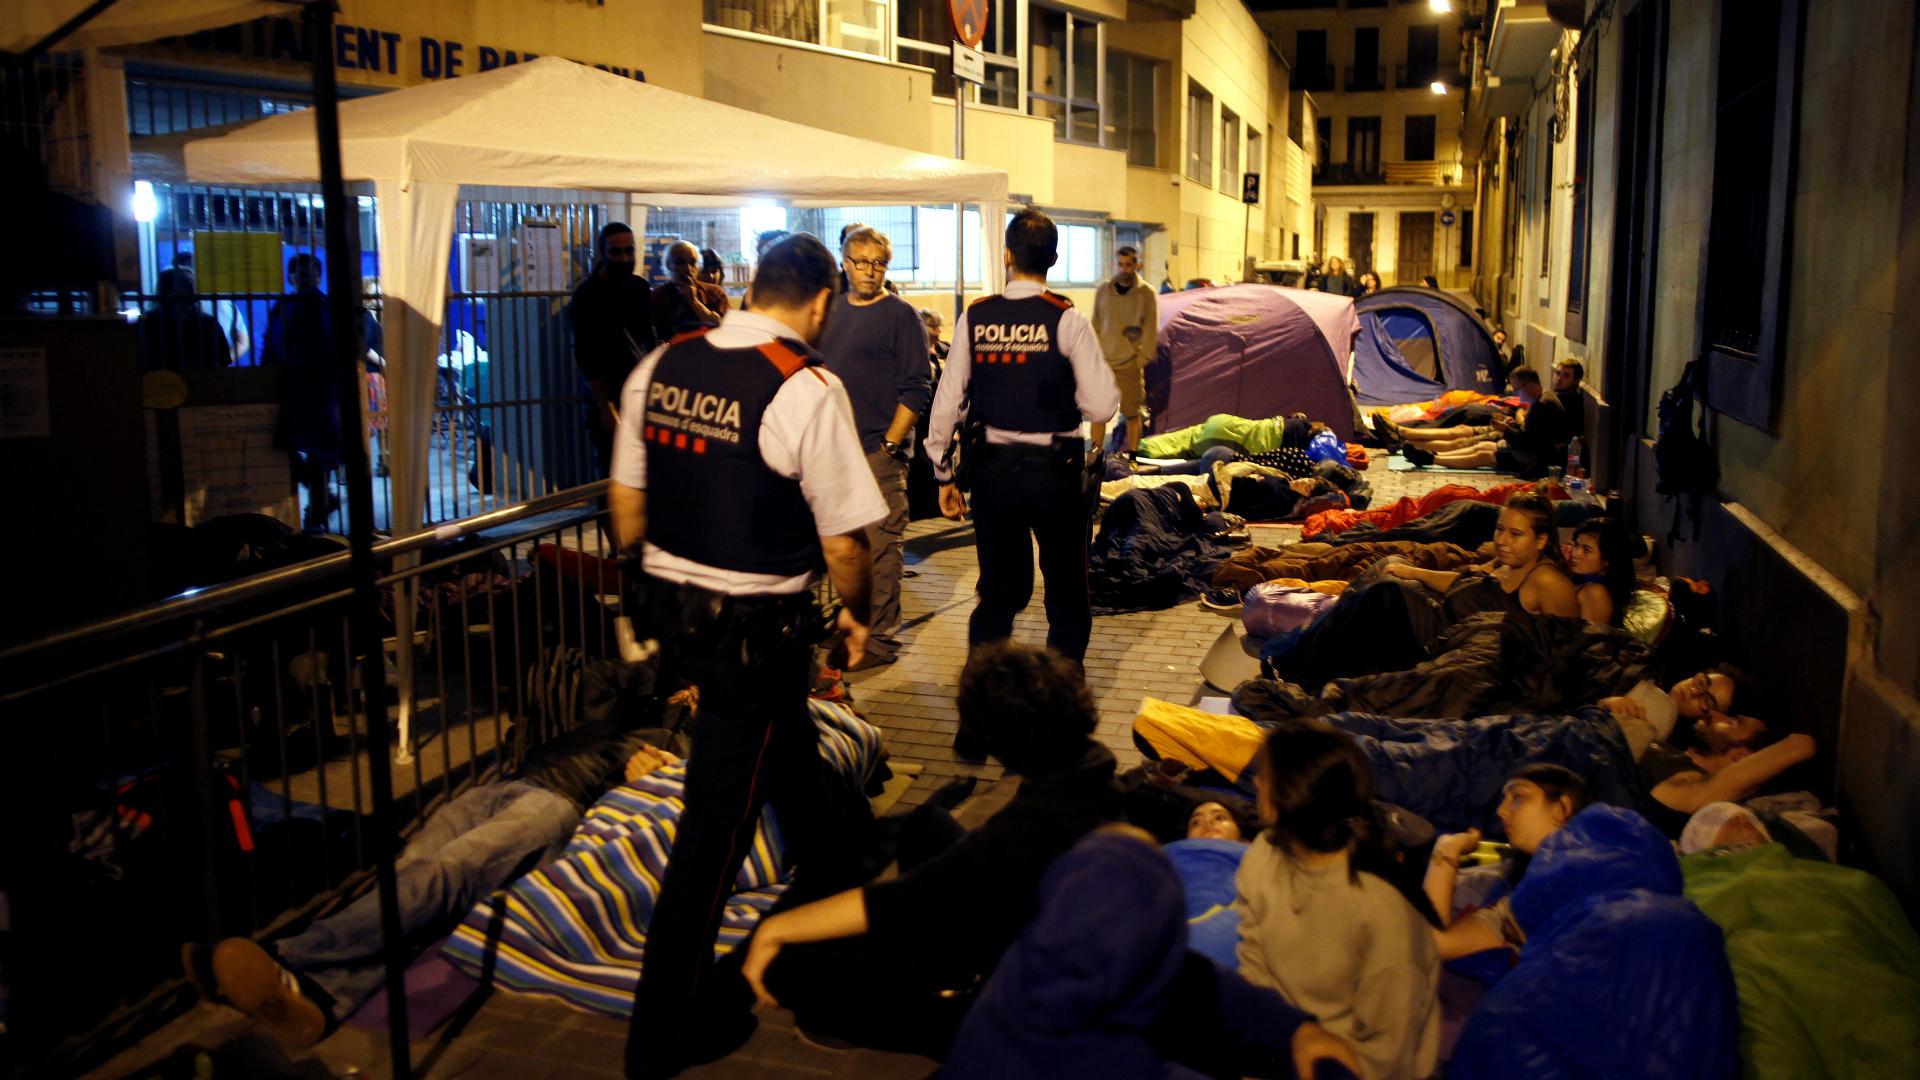 La policía catalana inspecciona una colegio donde la gente acampa. (Reuters)